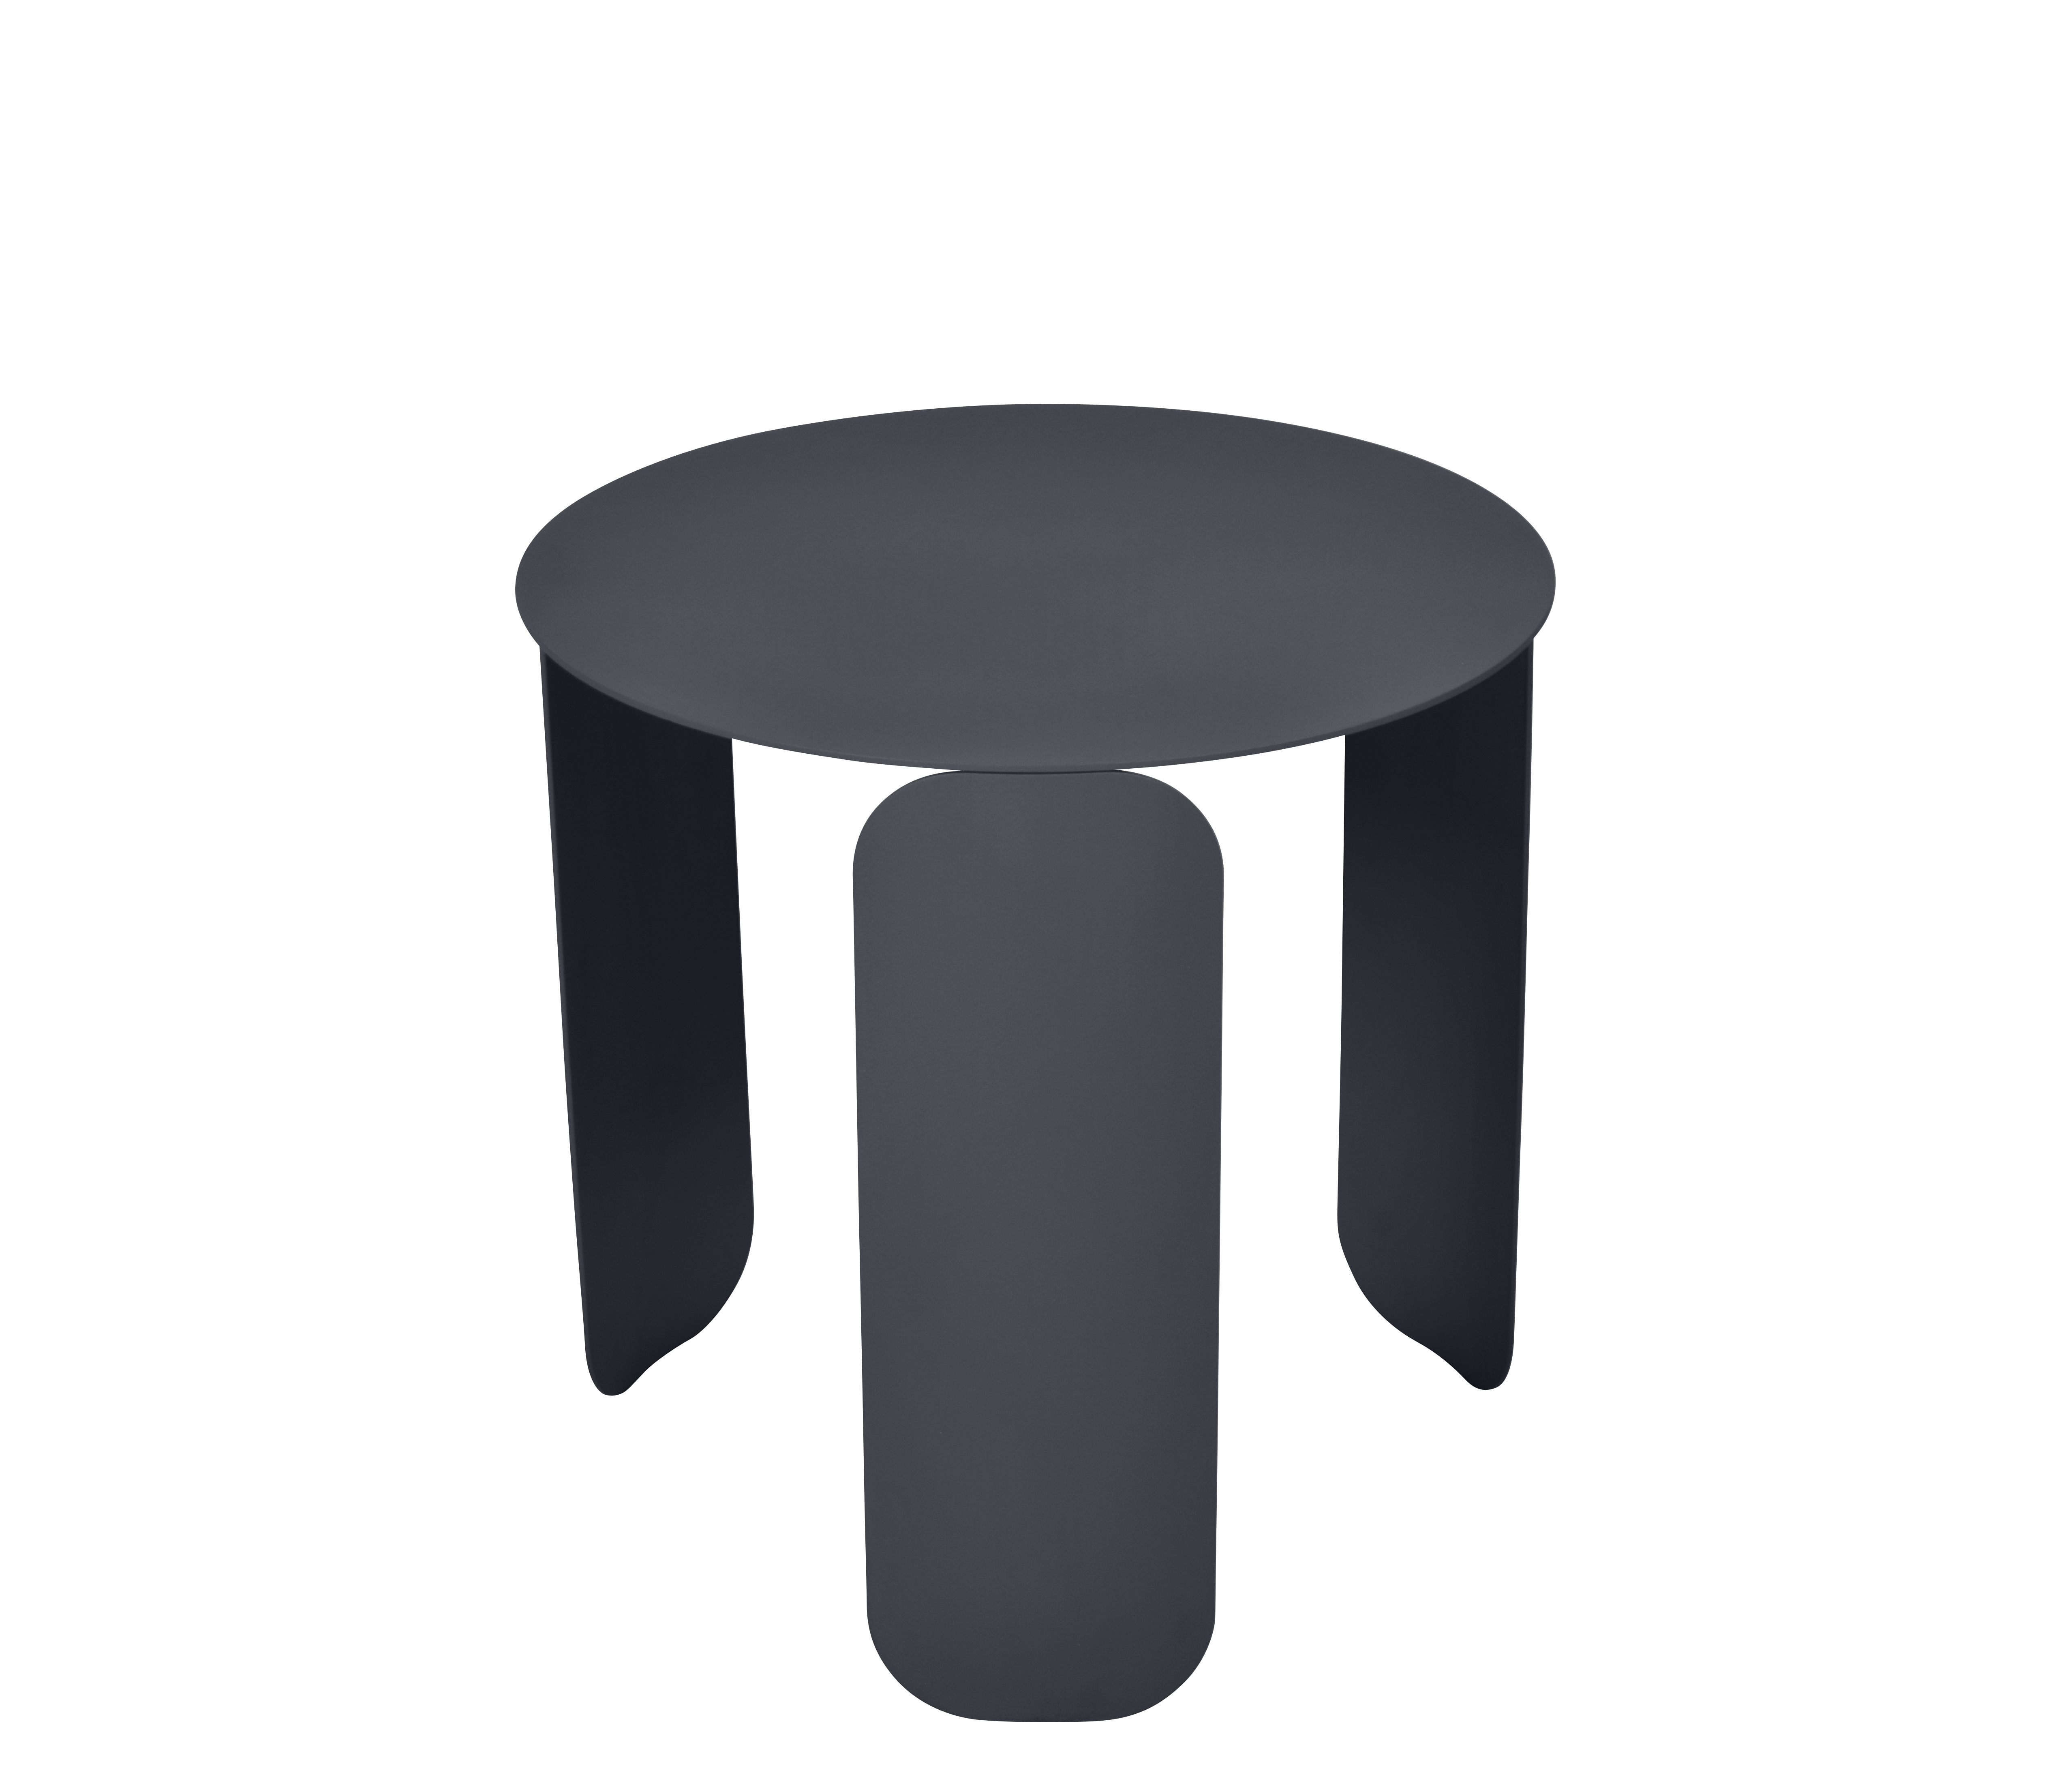 Arredamento - Tavolini  - Tavolino Bebop - / Ø 45 cm di Fermob - Carbone - Acciaio, Alluminio